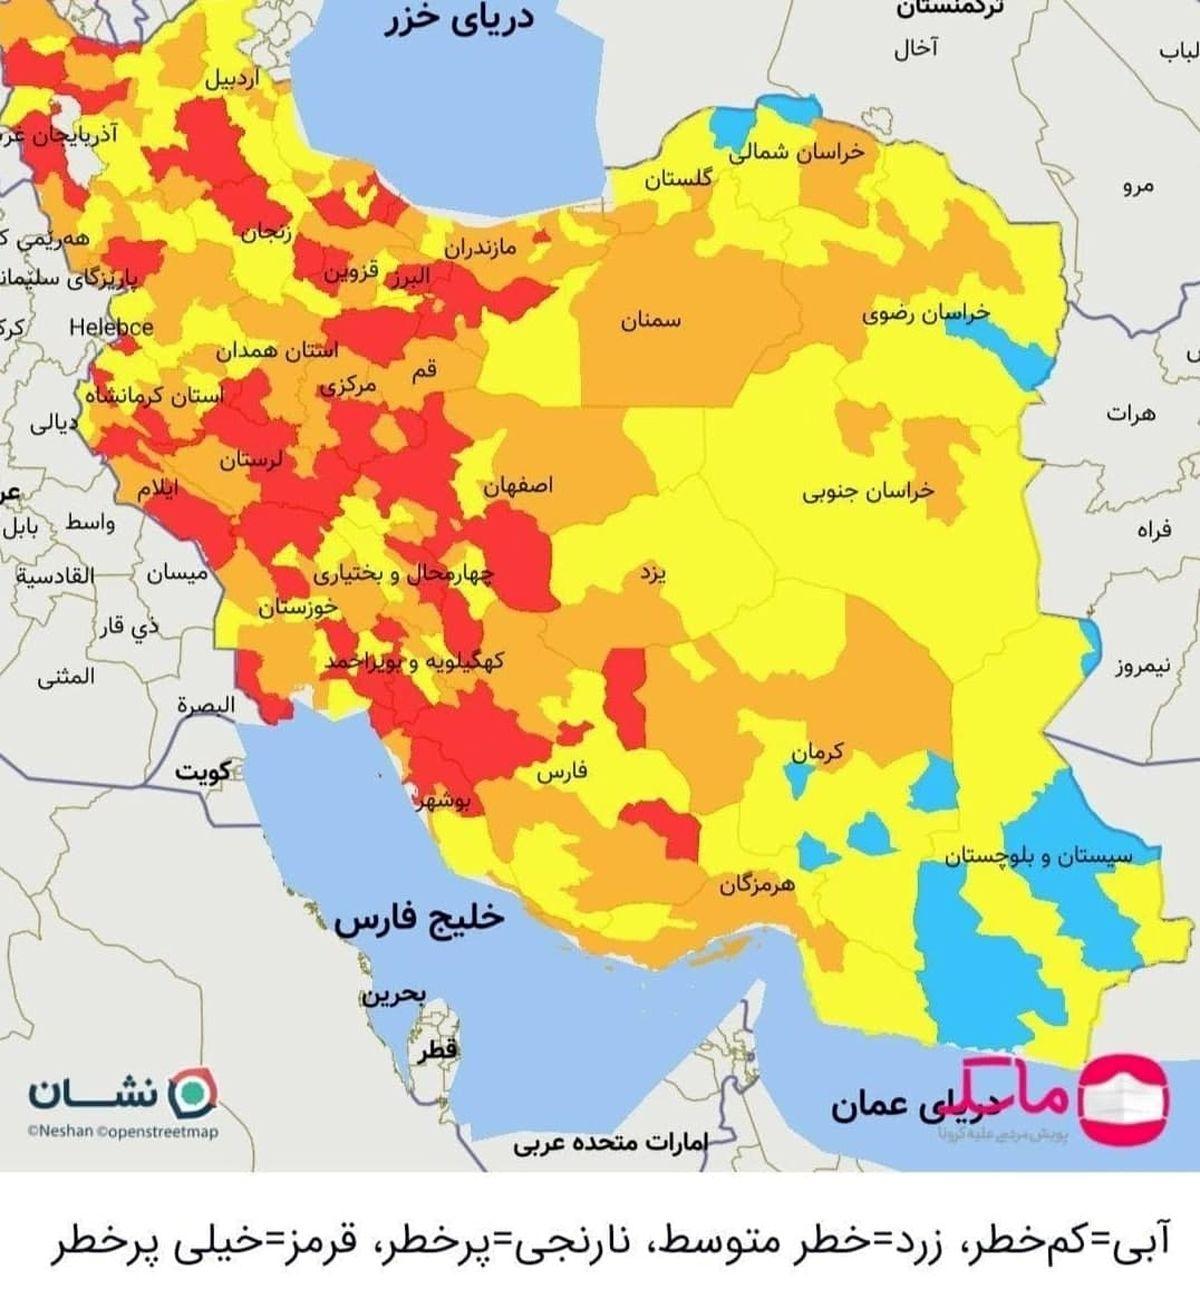 تهران قرمز شد + نقشه جدید رنگ بندی شهرها